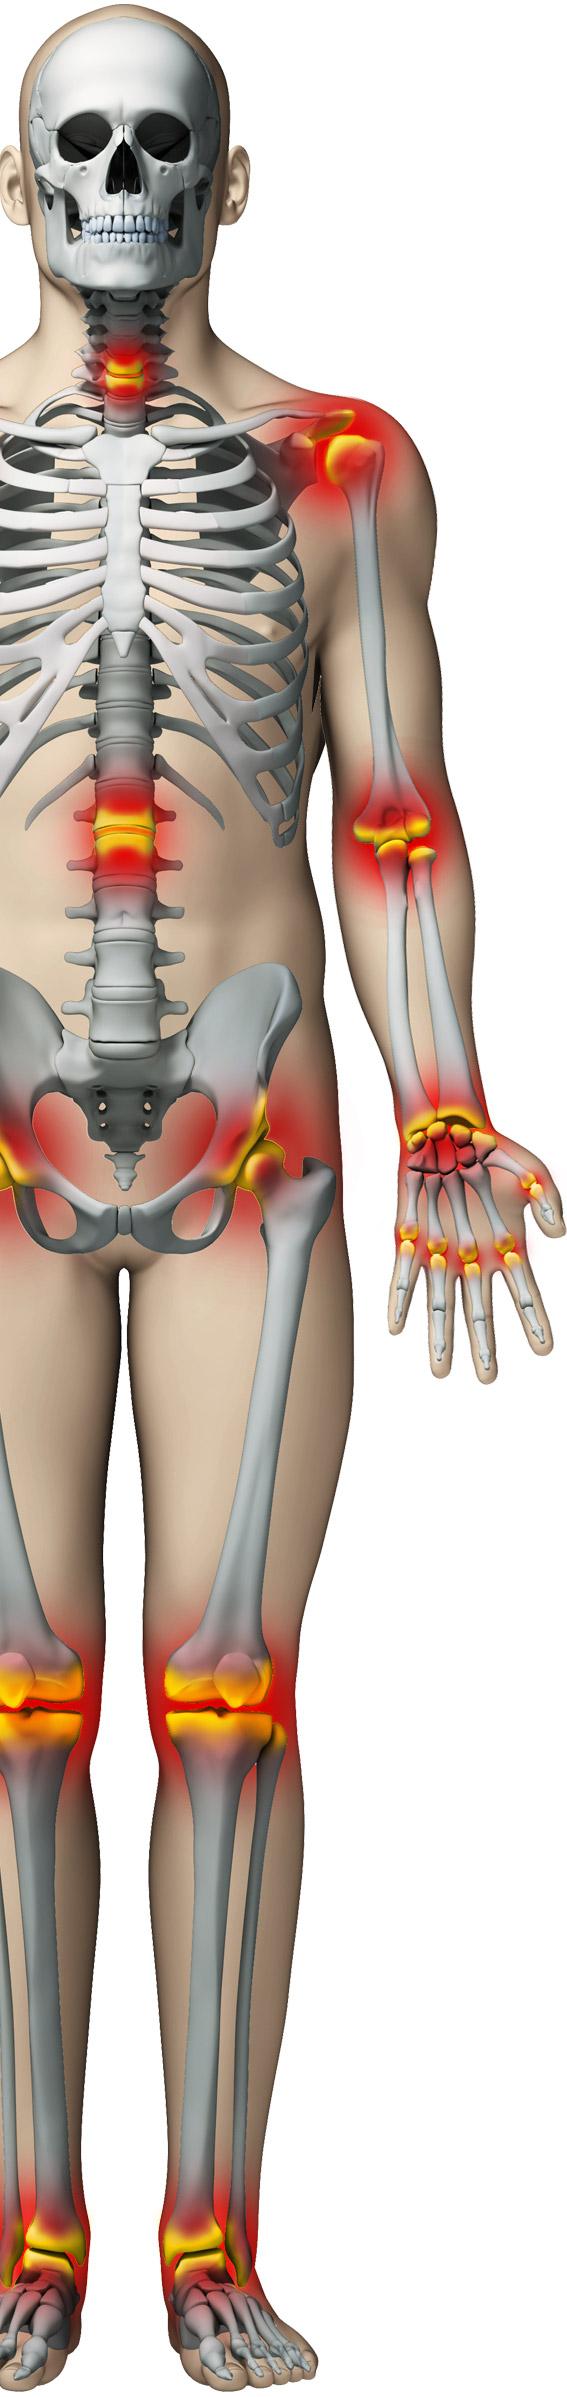 unguente pentru leziunile articulației gleznei